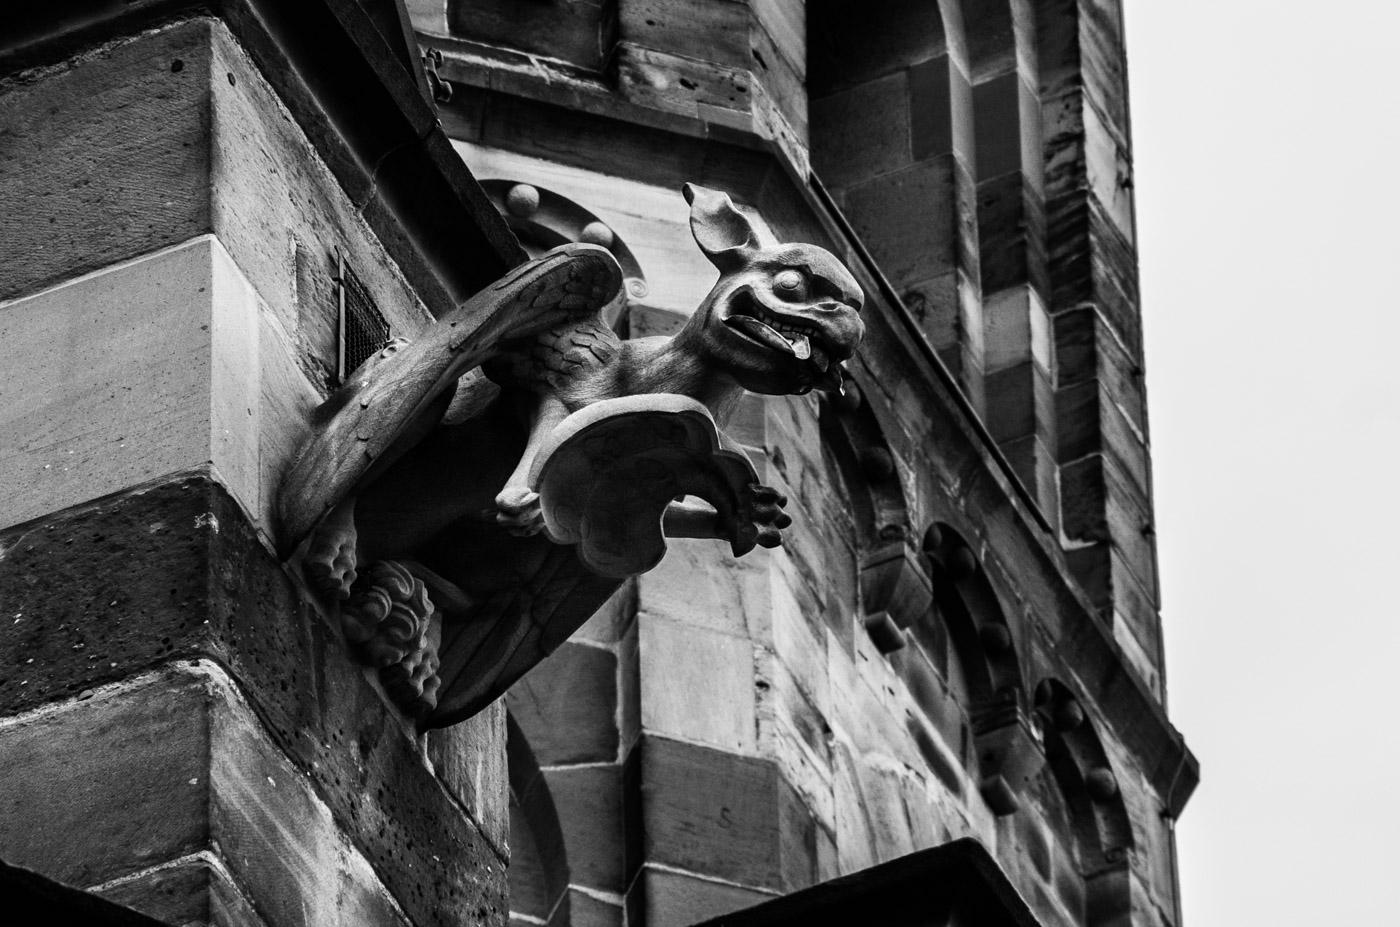 Gargoyle at the Freiburg cathedral